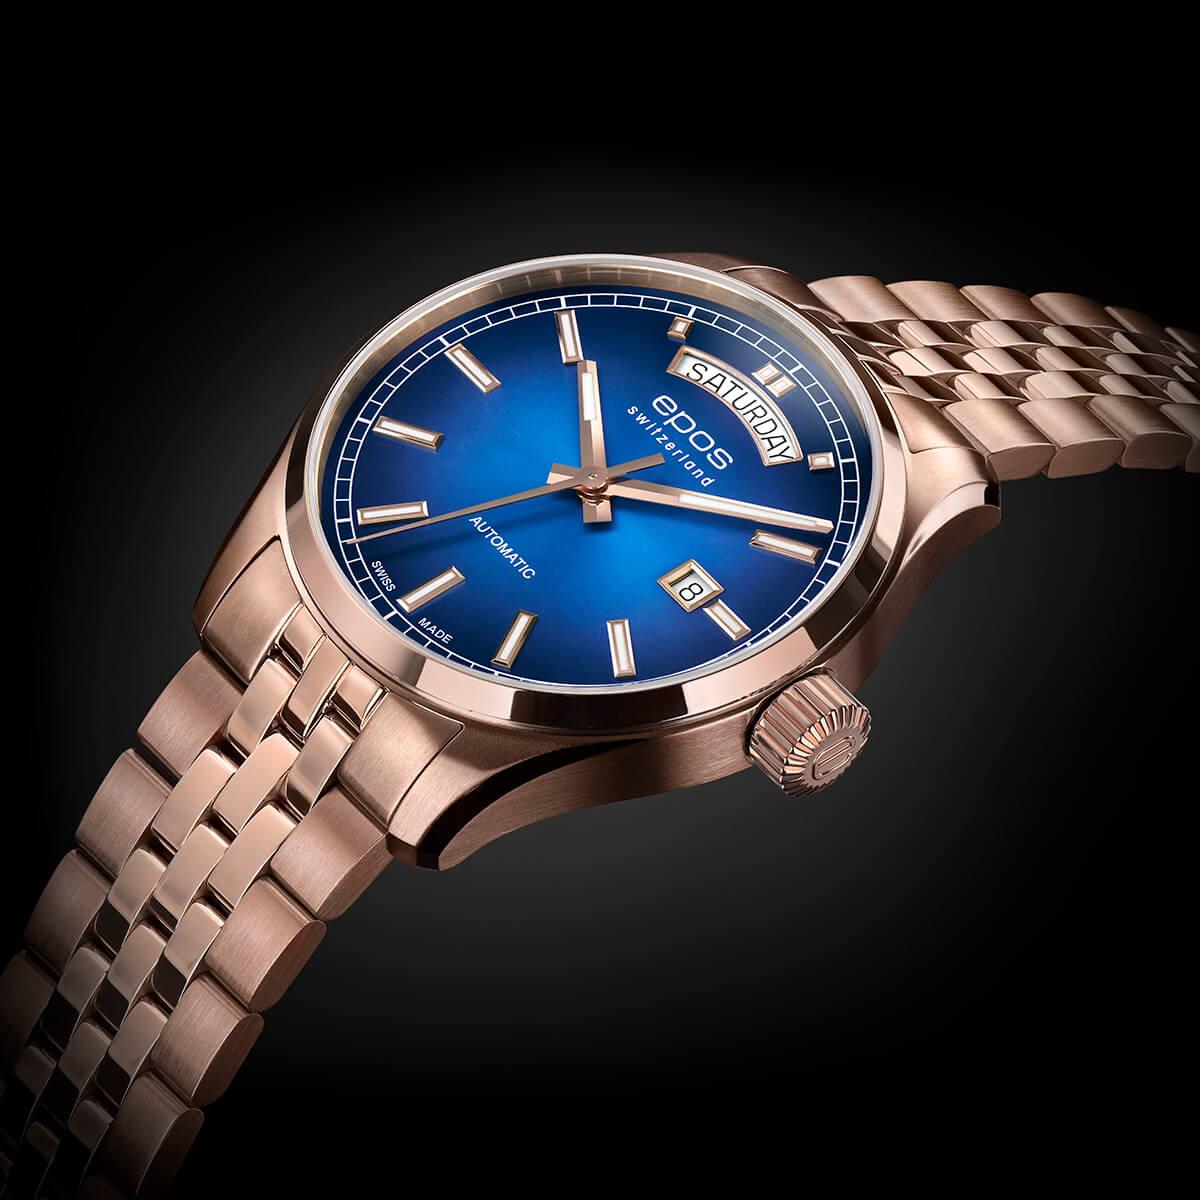 3501.142.24.96.34 zegarek męski Passion